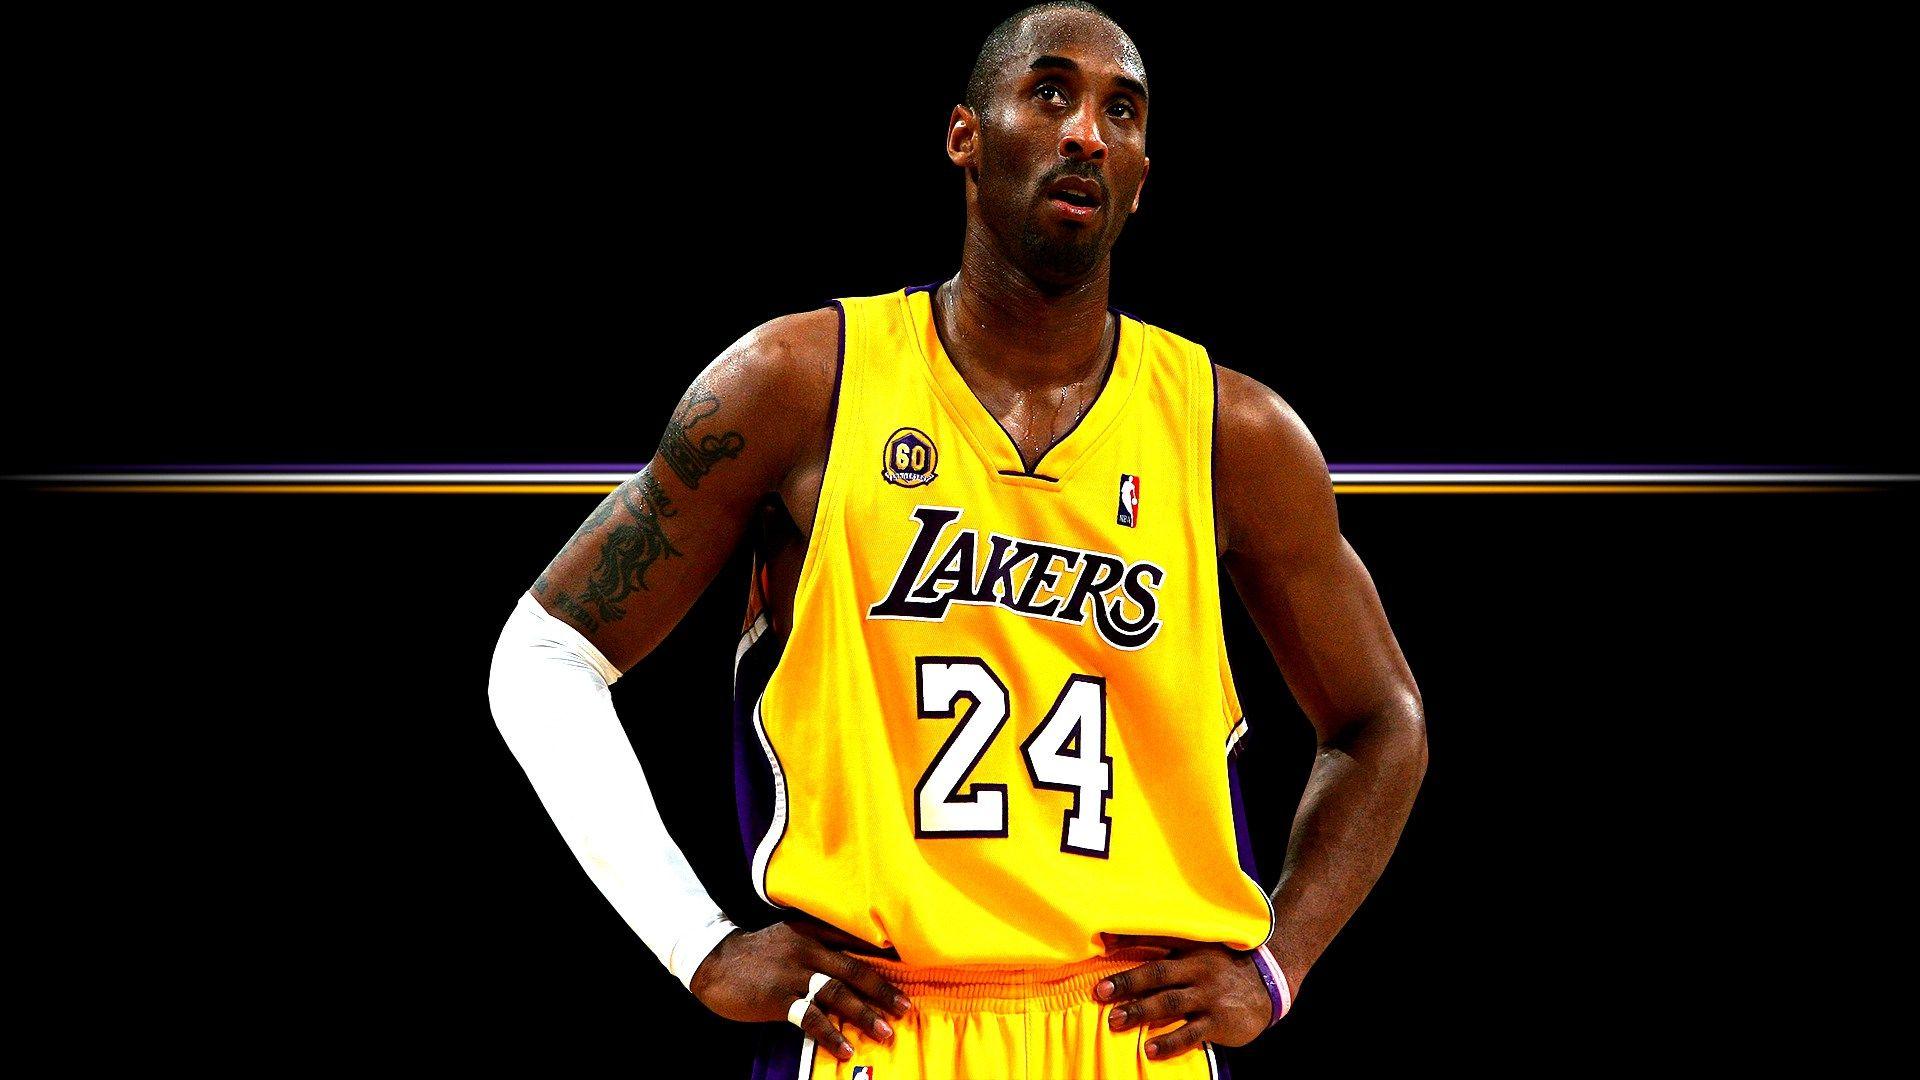 1920x1080 Free Computer Kobe Bryant Kobe Bryant Kobe Bryant Poster Kobe